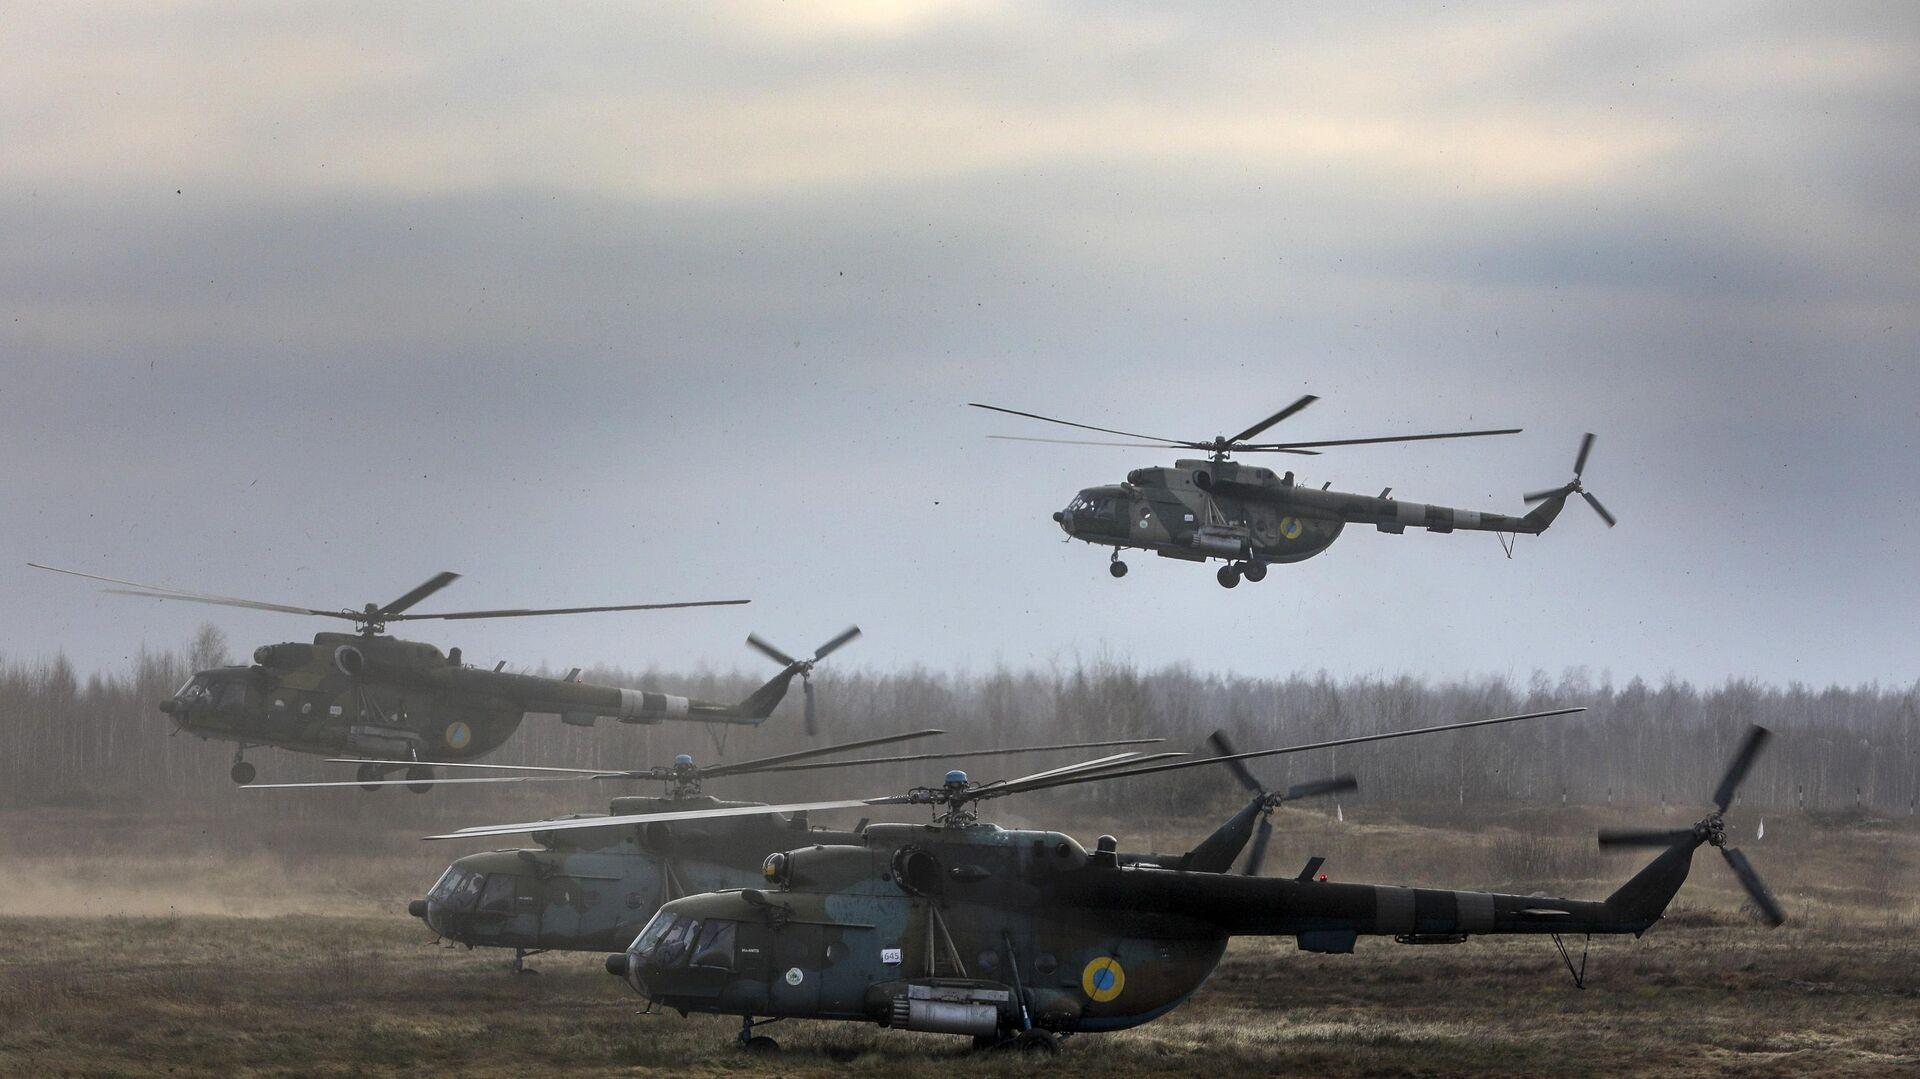 Вертолеты Ми-8 ВС Украины - РИА Новости, 1920, 20.01.2021